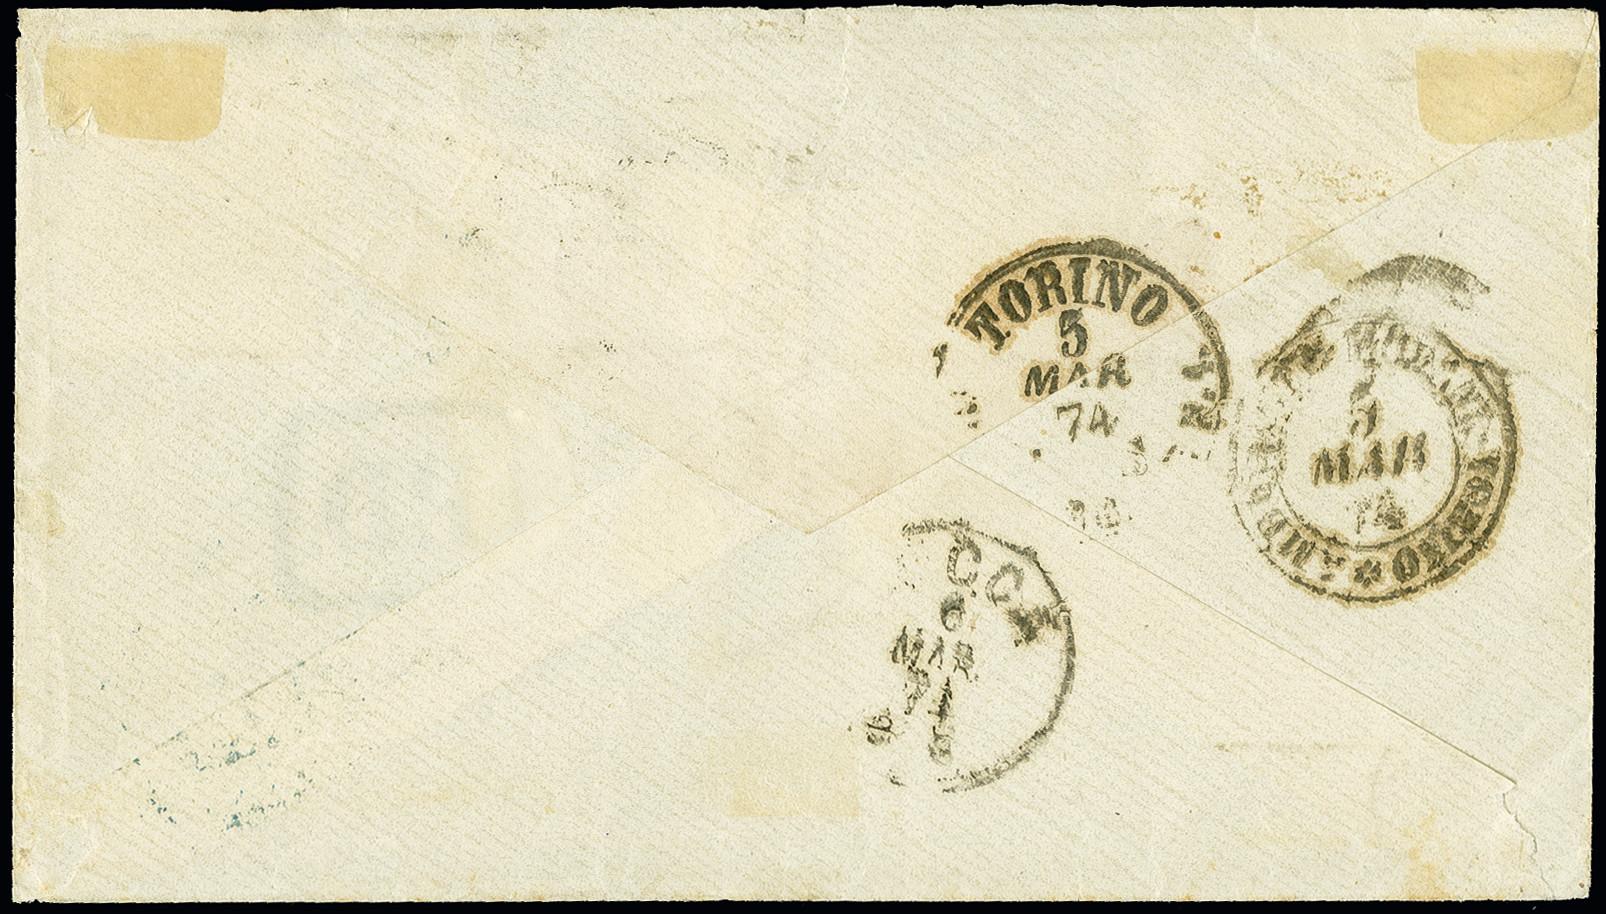 Lot 1562 - übersee brazil -  Heinrich Koehler Auktionen 375rd Heinrich Köhler auction - Day 1